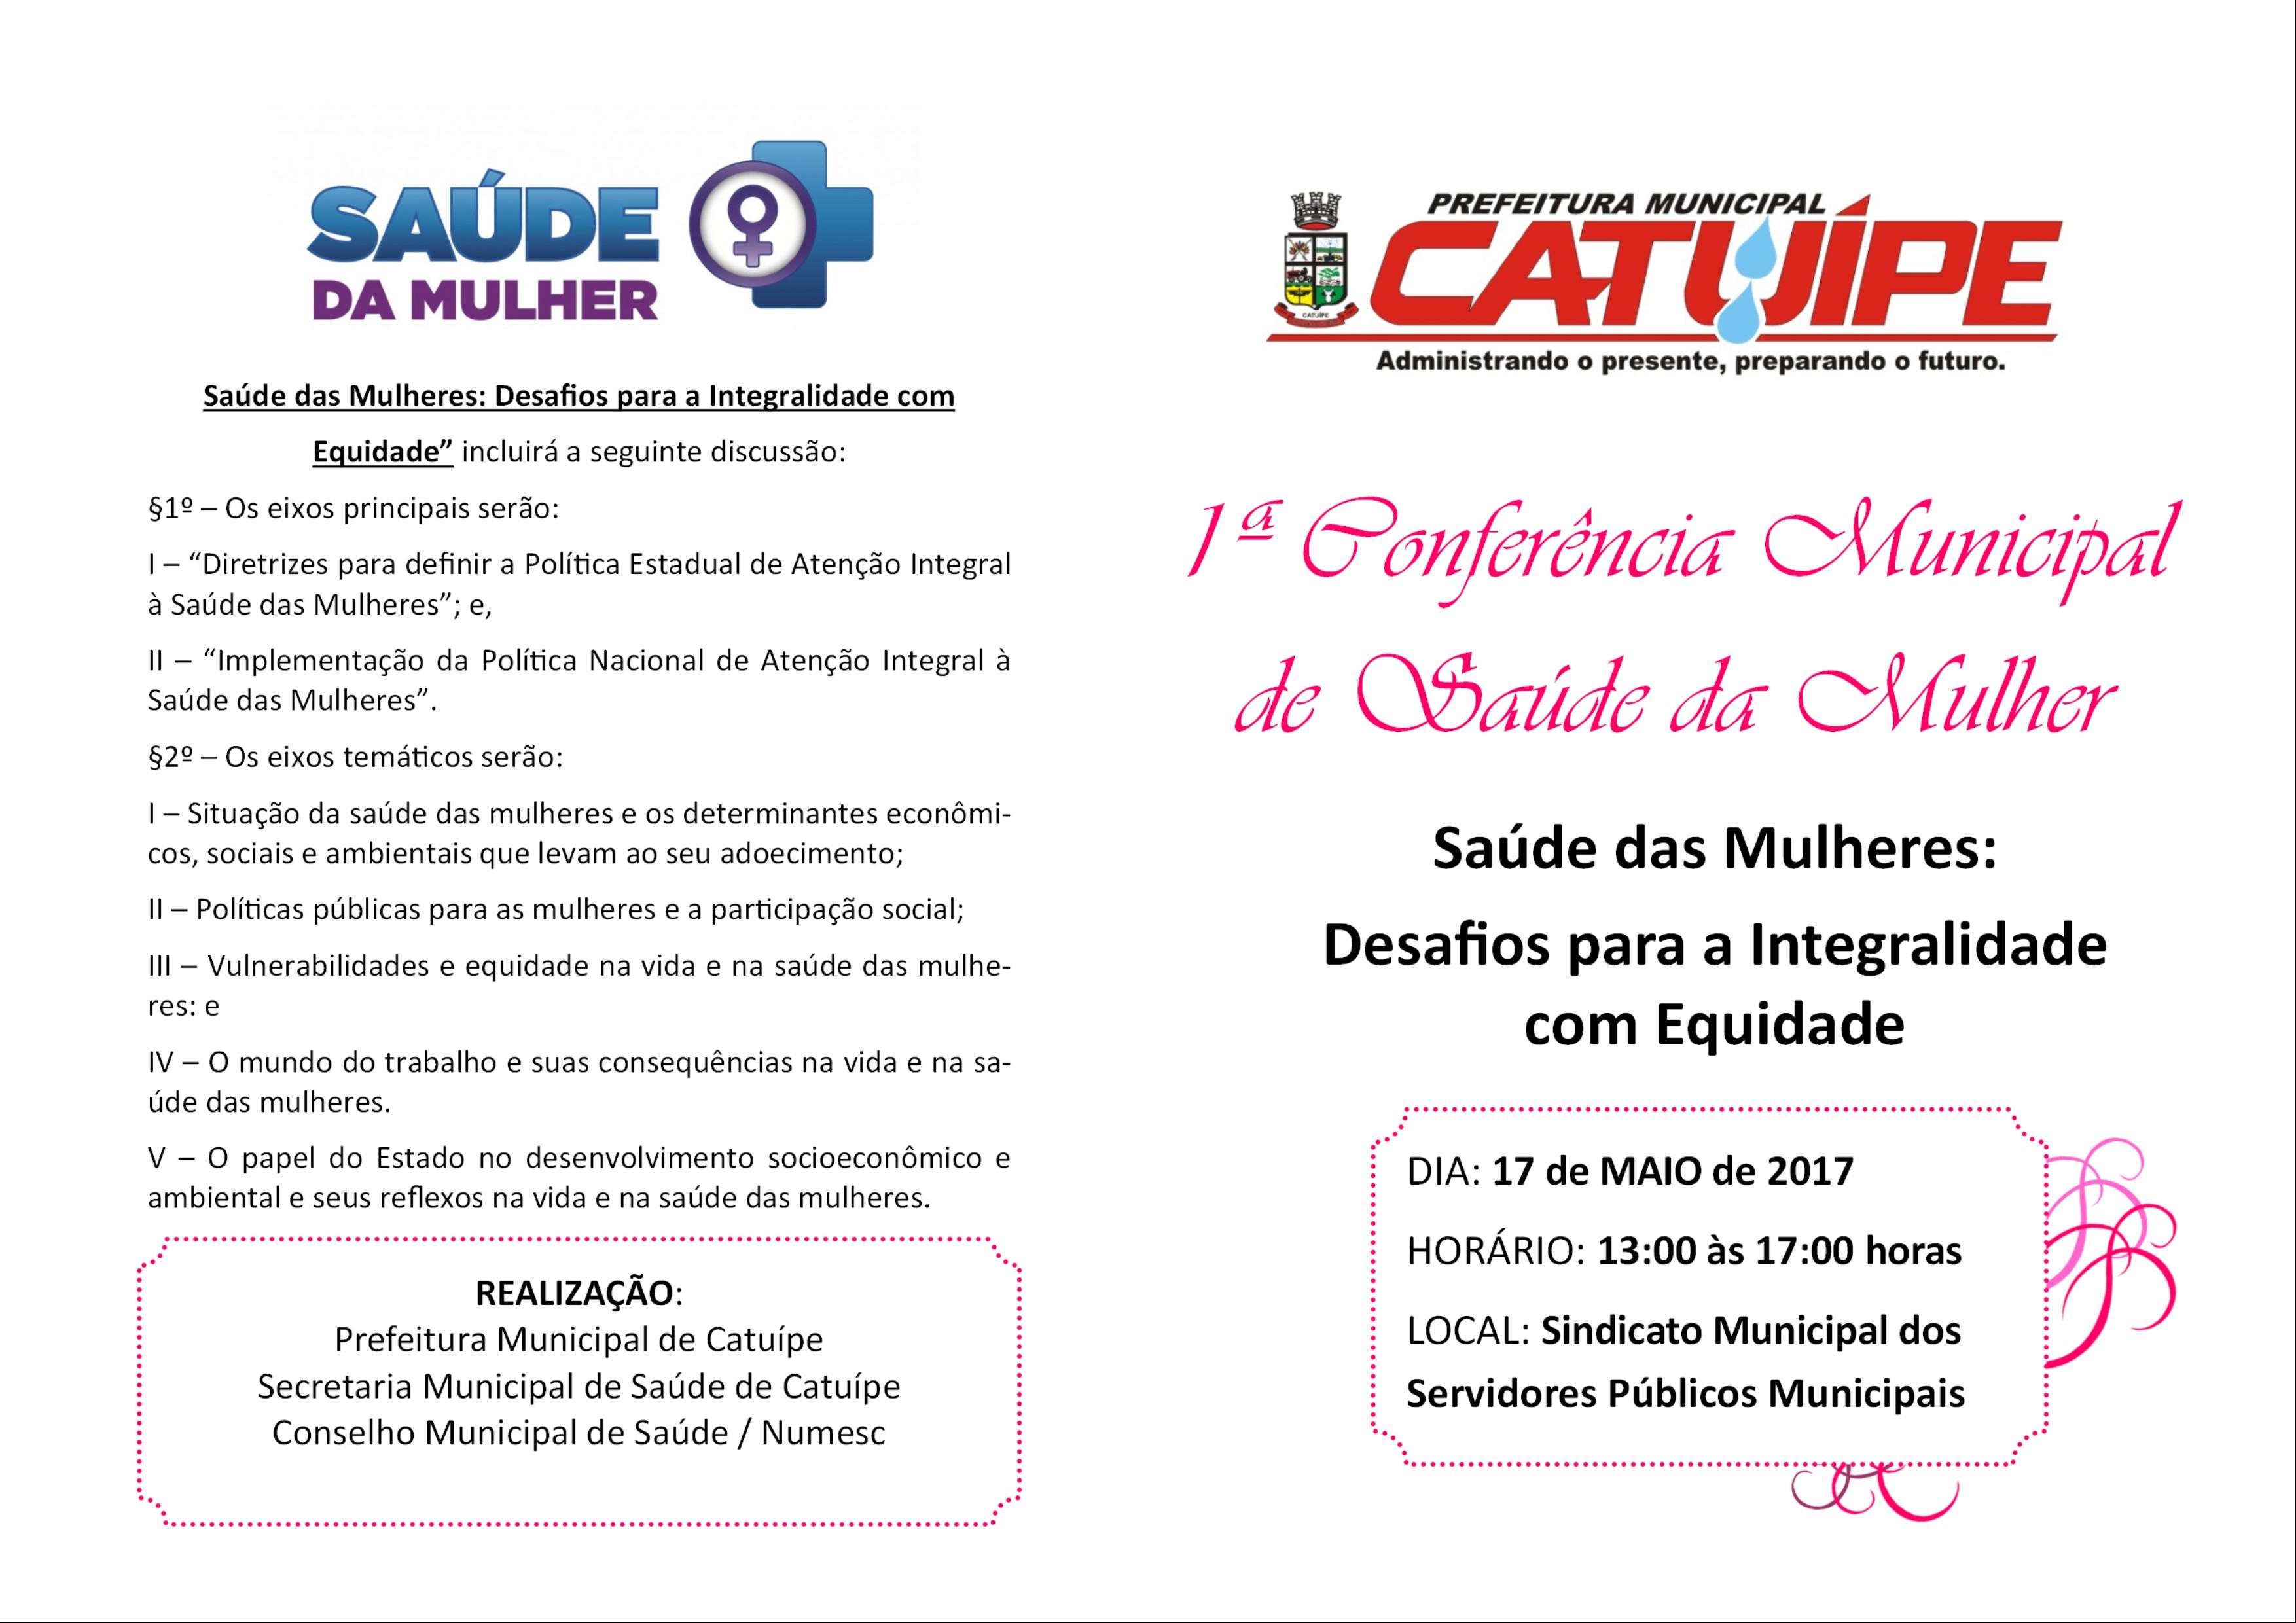 1º Conferência Municipal de Saúde da Mulher  acontece dia 17 de maio